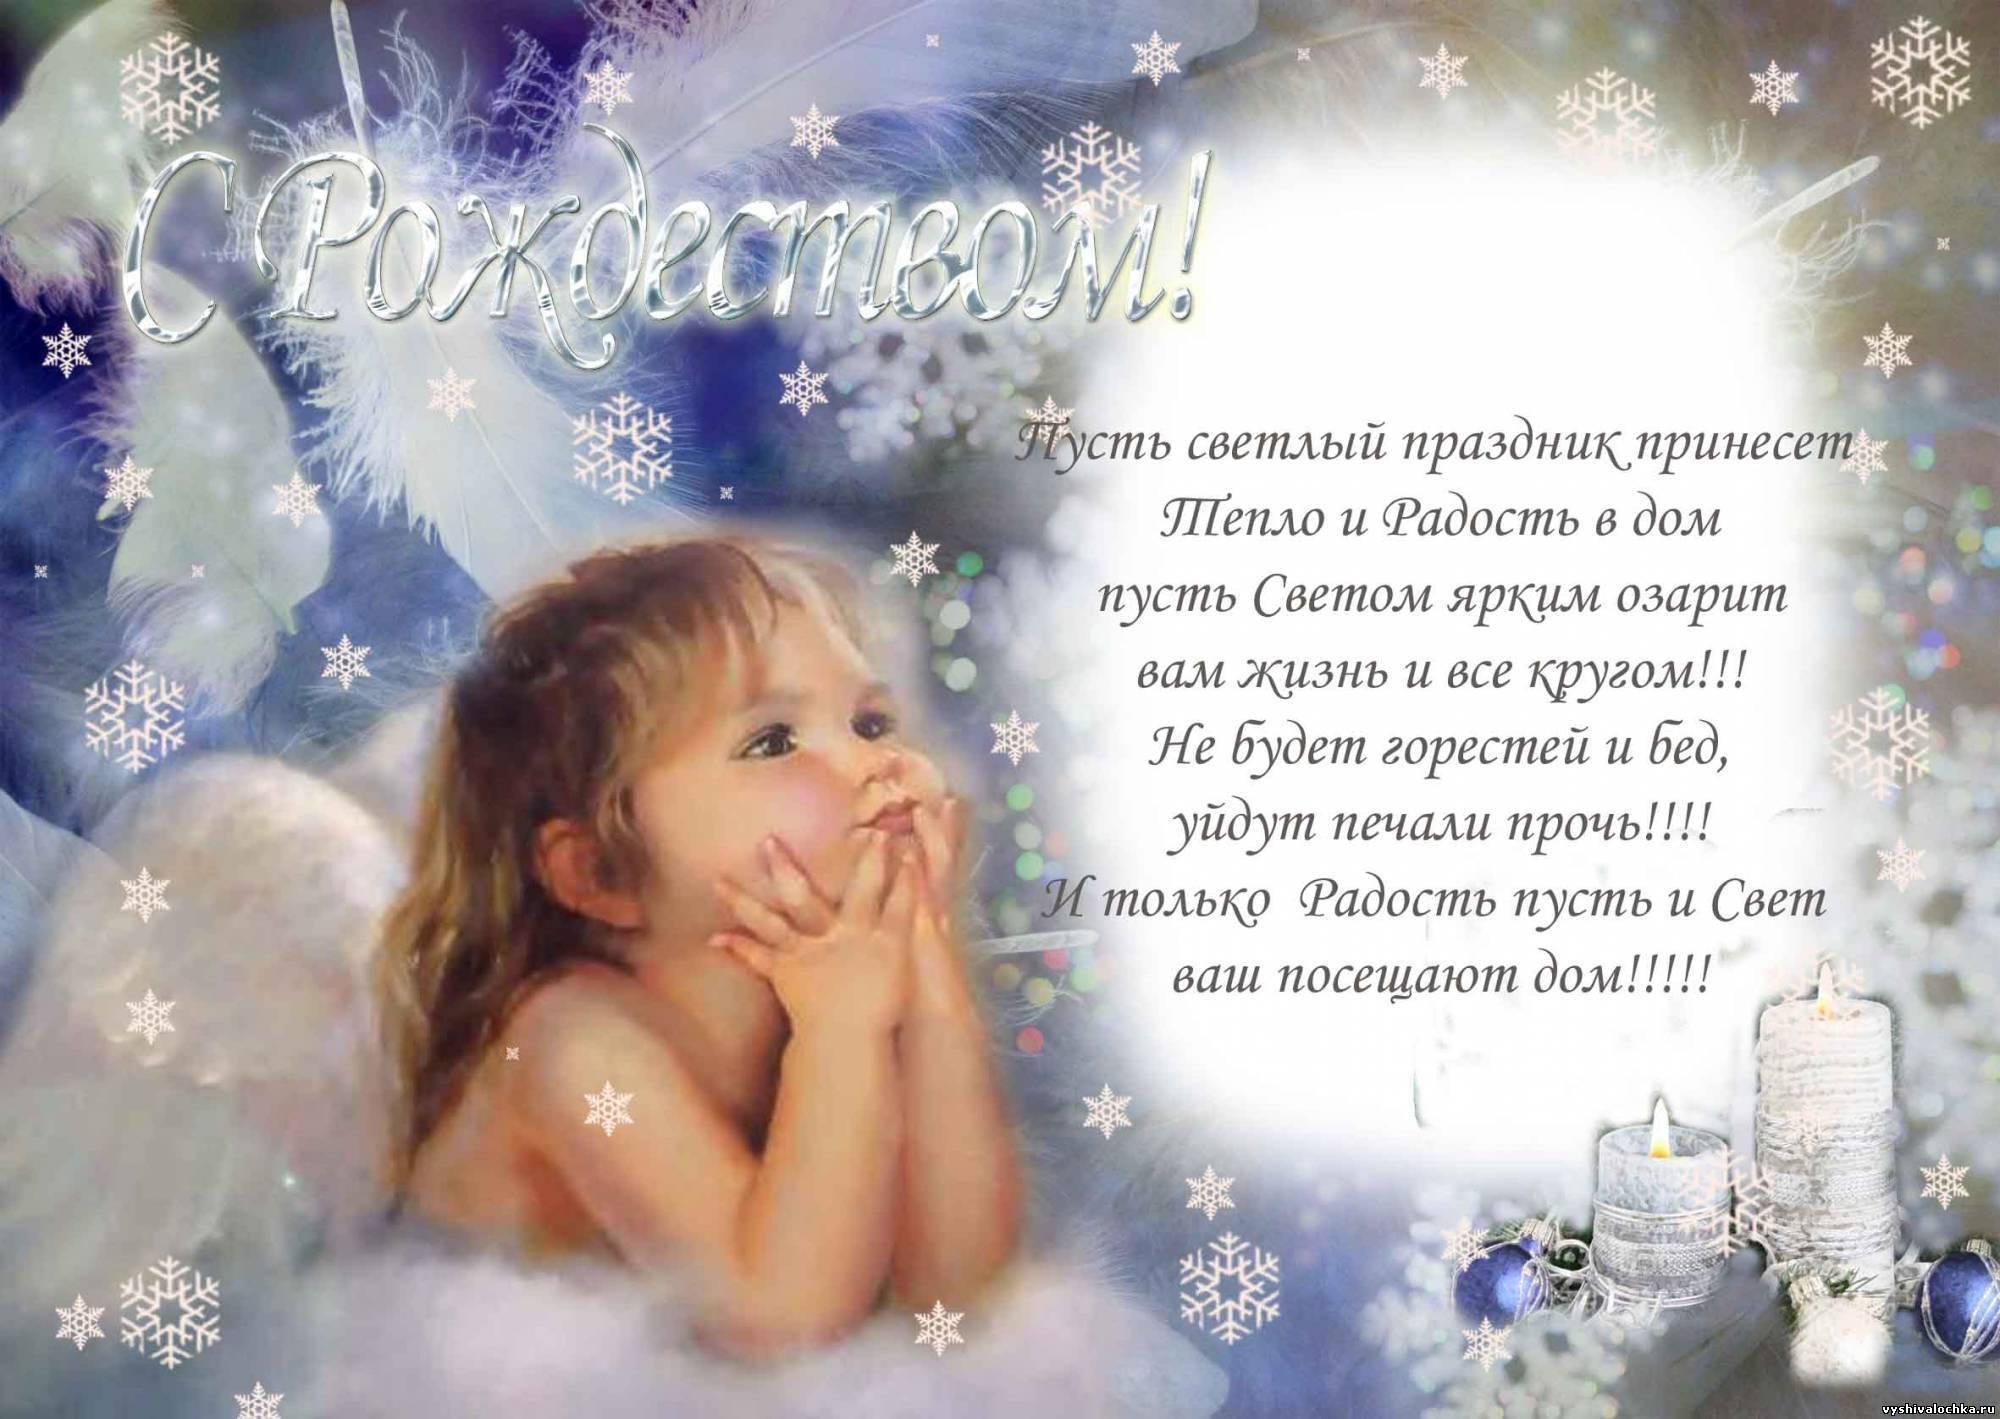 Душевные поздравления с рождеством христовым в стихах и прозе